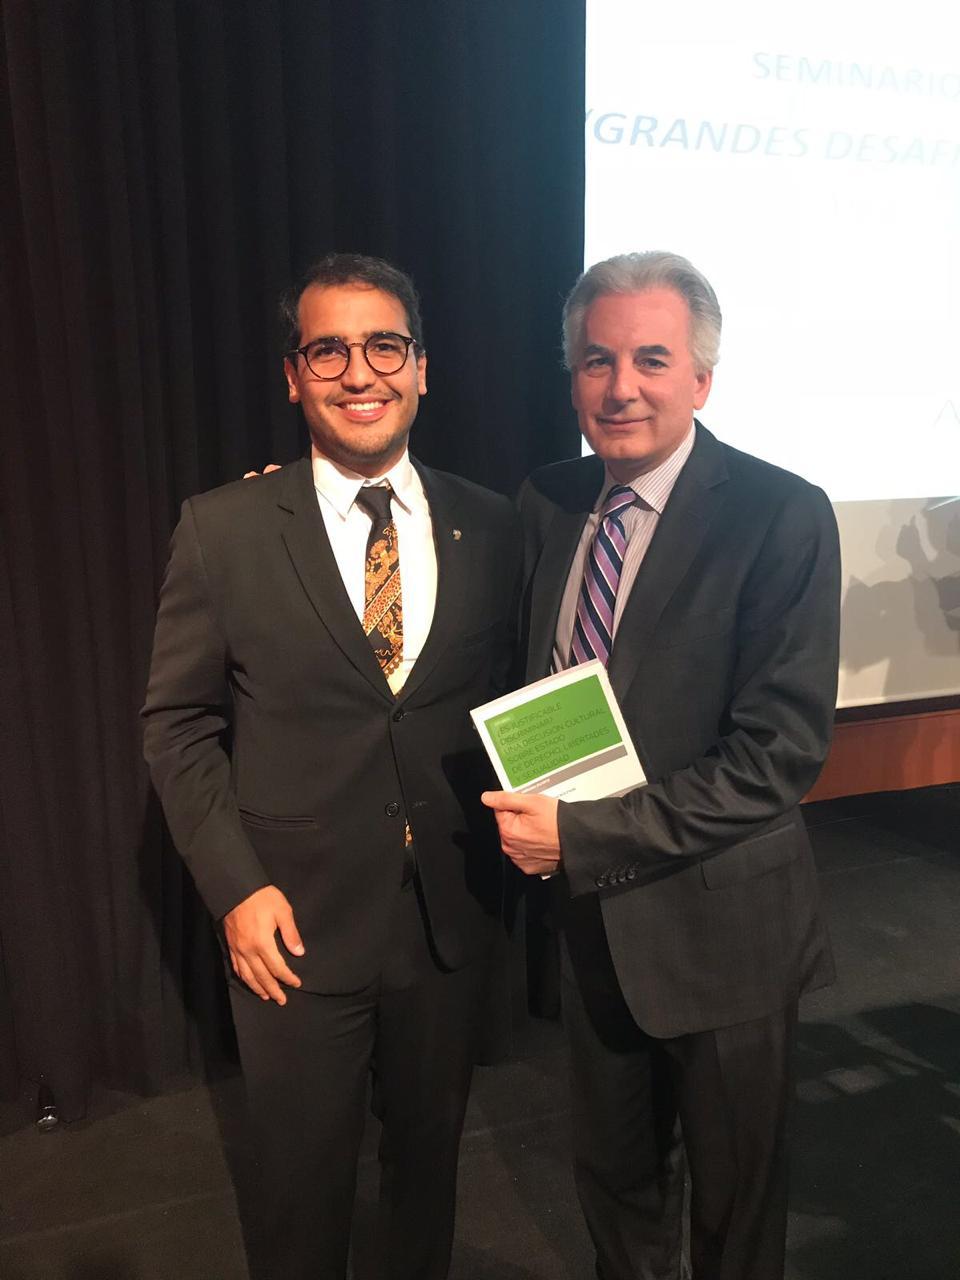 Duarte entrega libro a Álvaro Vargas Llosa